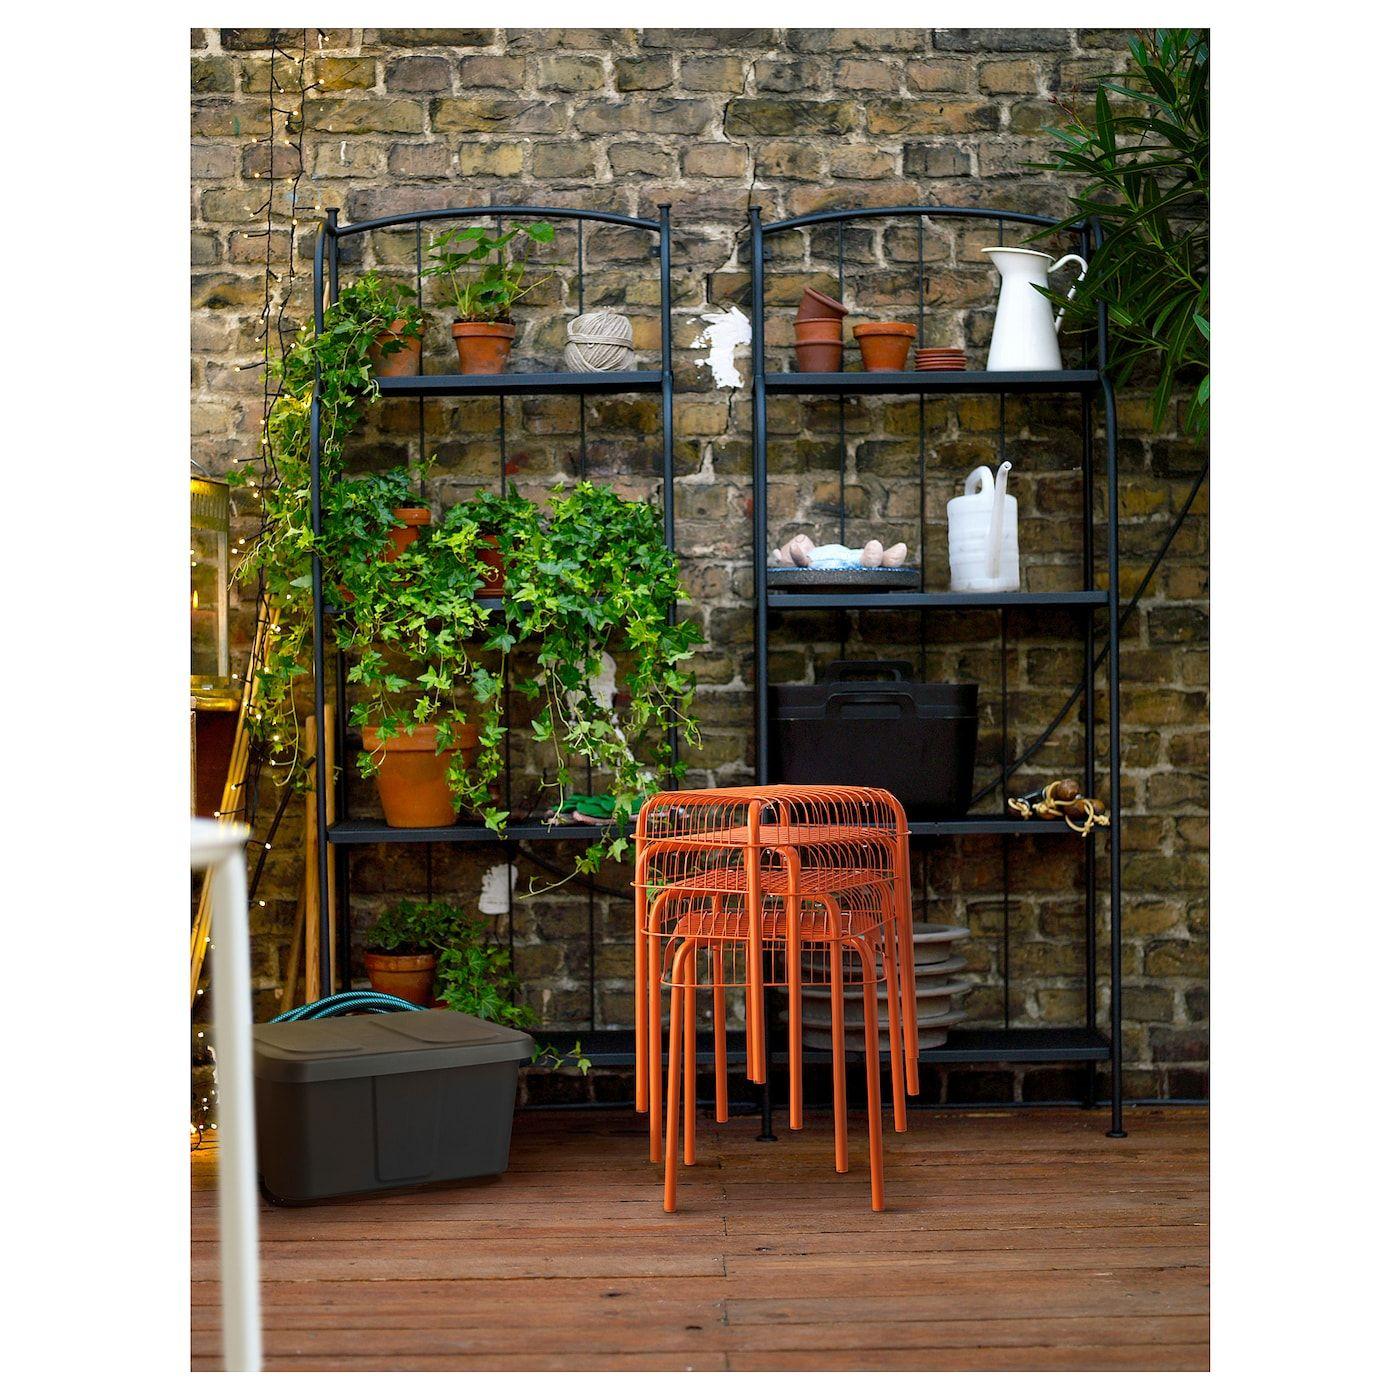 Full Size of Regal Outdoor Furniture Regalo Play Yard Sdn Bhd Garden Wall Decor Scout Regalia Lck Auen Grau Ikea Deutschland Kleines Balkon Dekor Ahorn Industrie Wohnzimmer Outdoor Regal